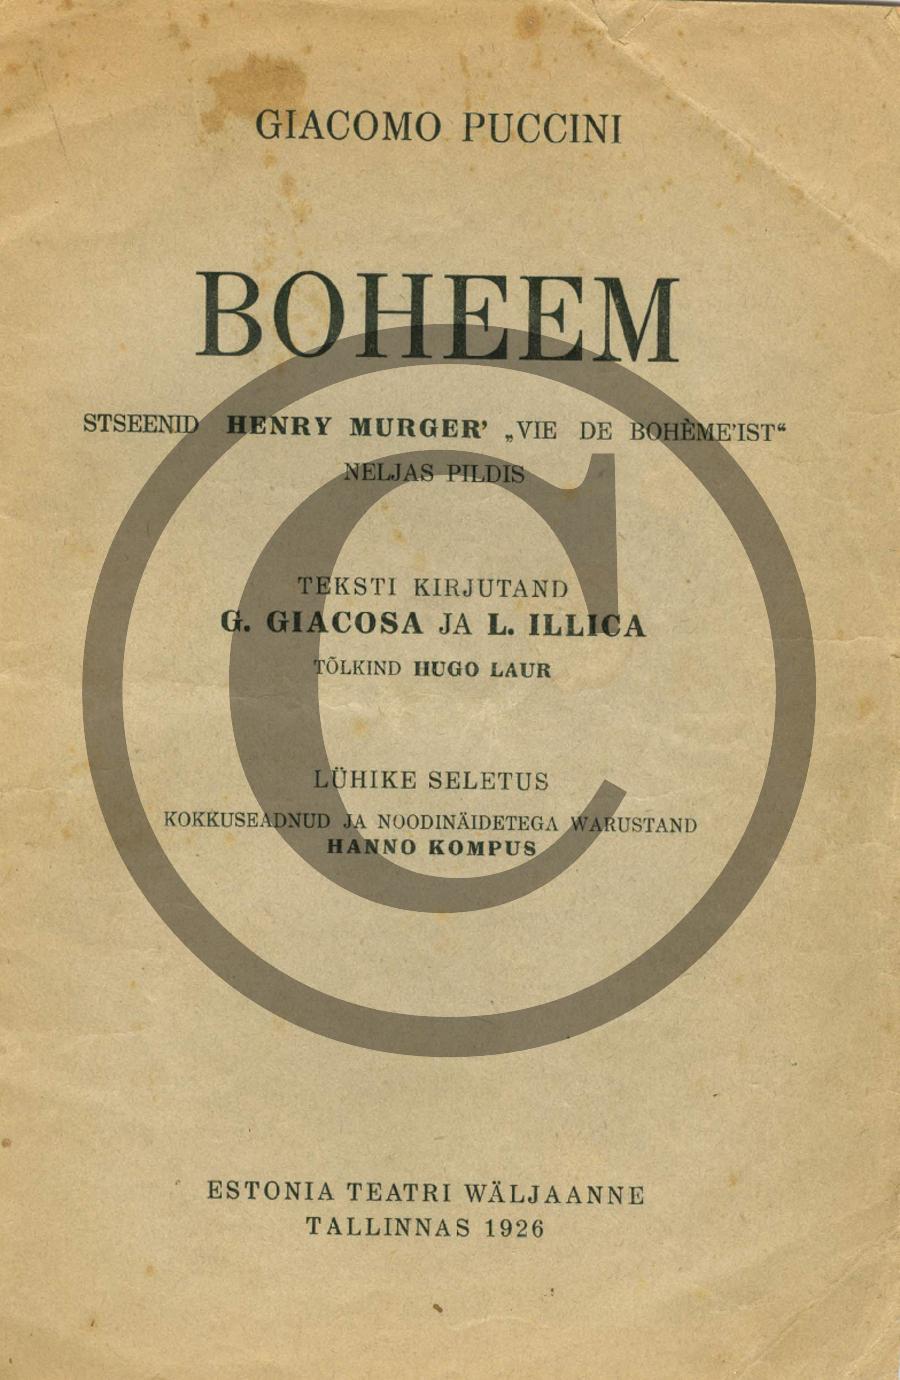 Boheem0001